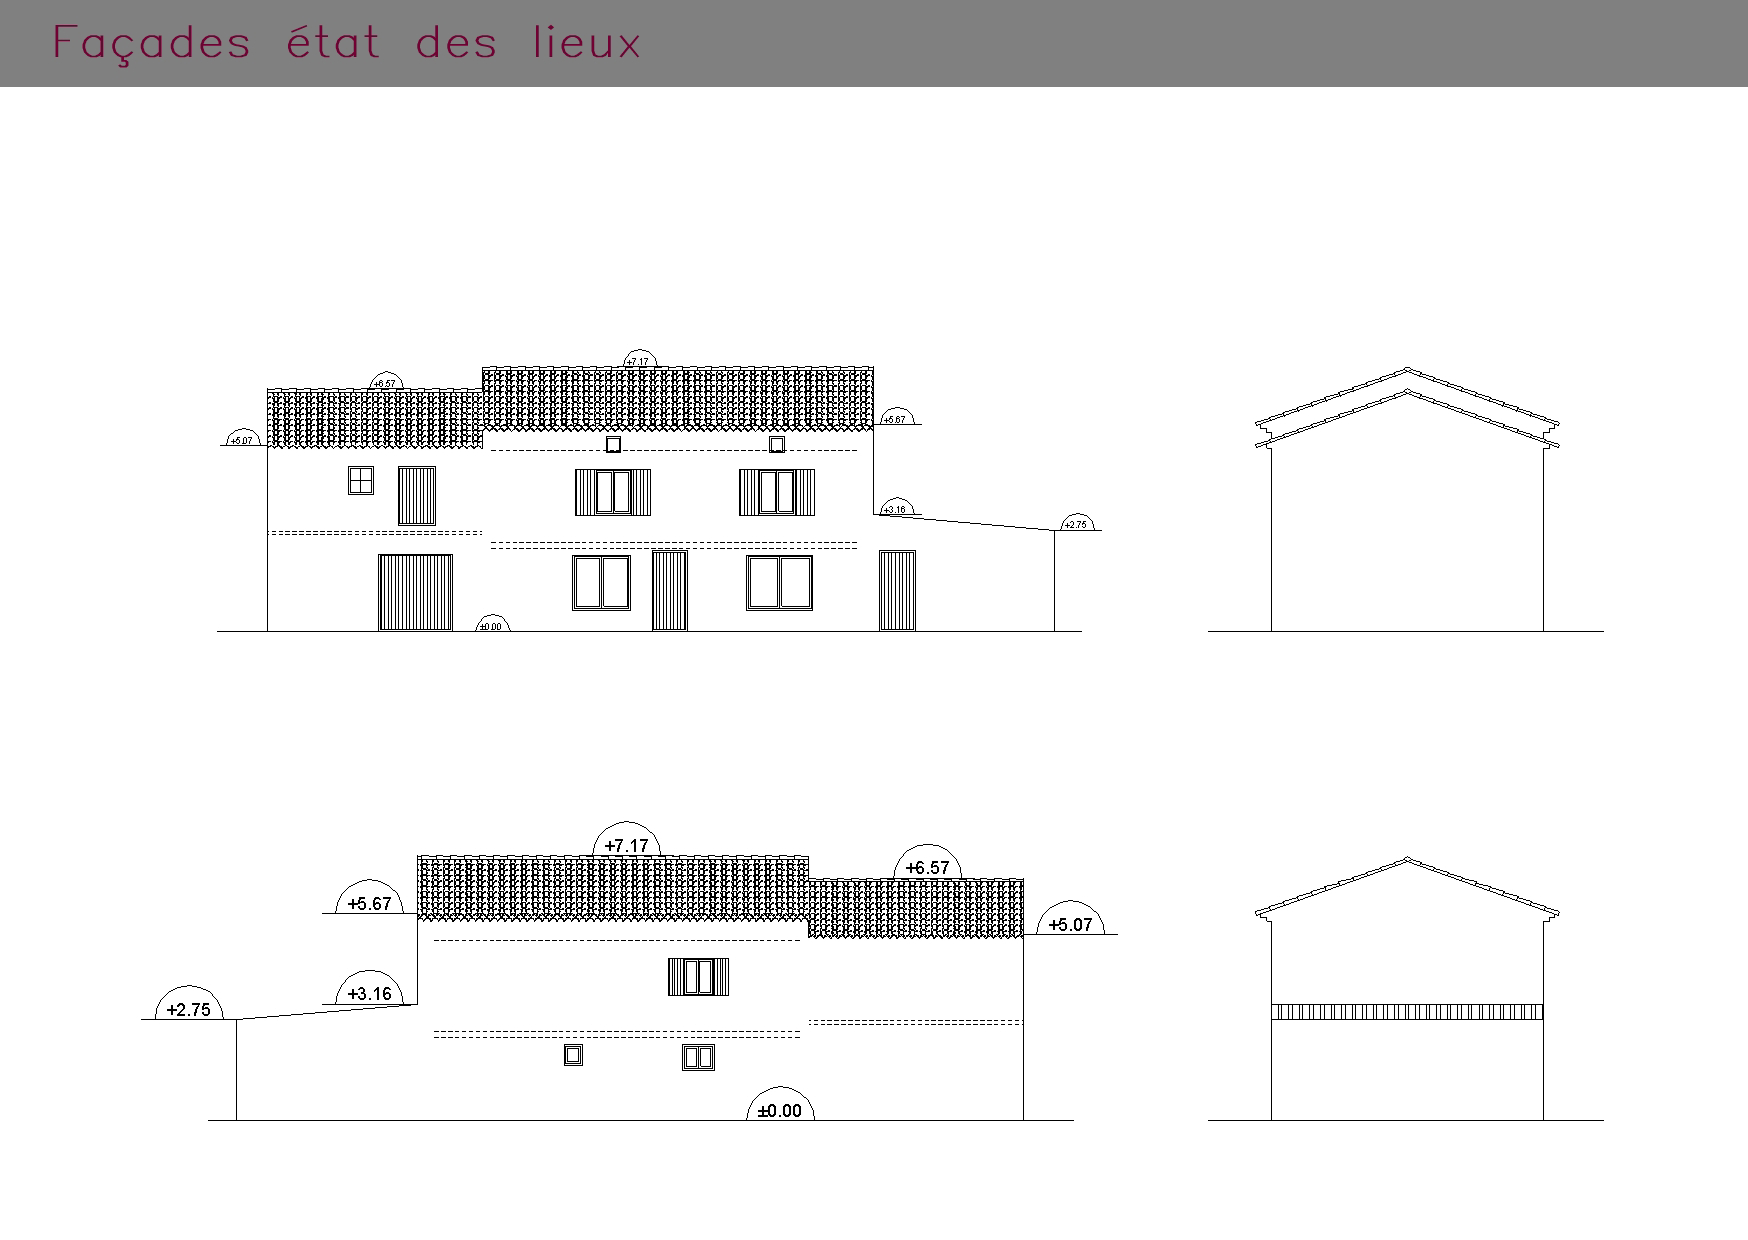 Etat des lieux des façades avant rénovation